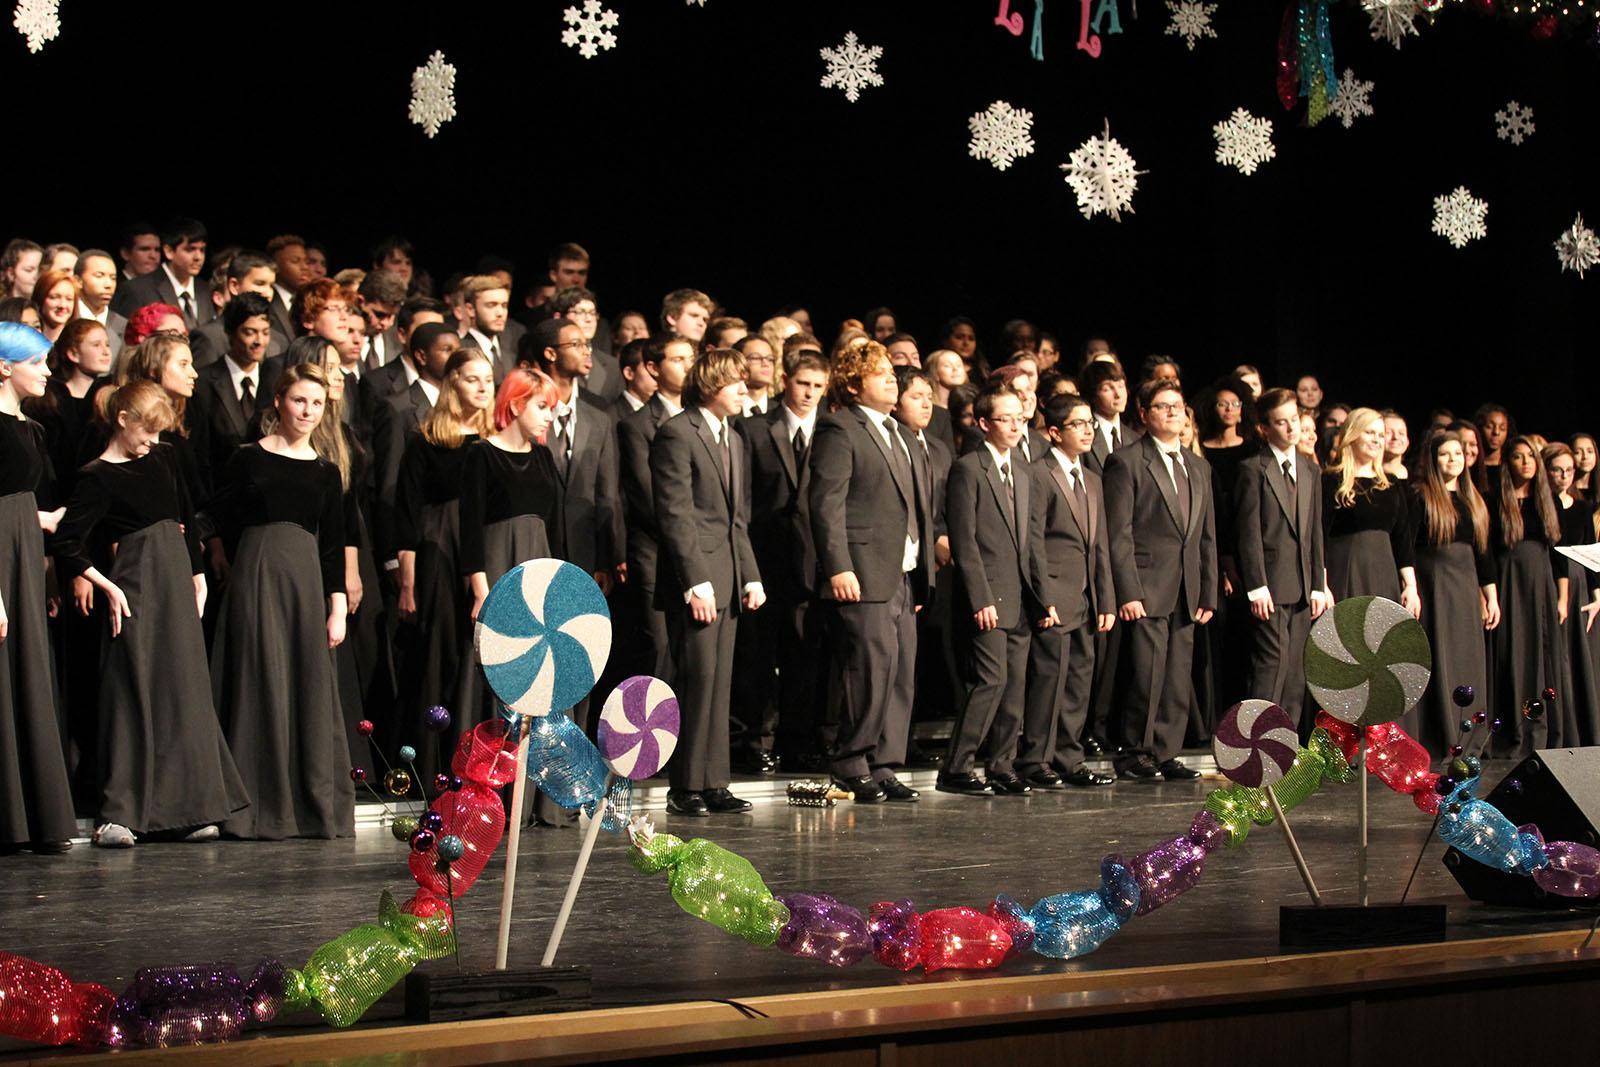 18_choir-holiday-concert-kt